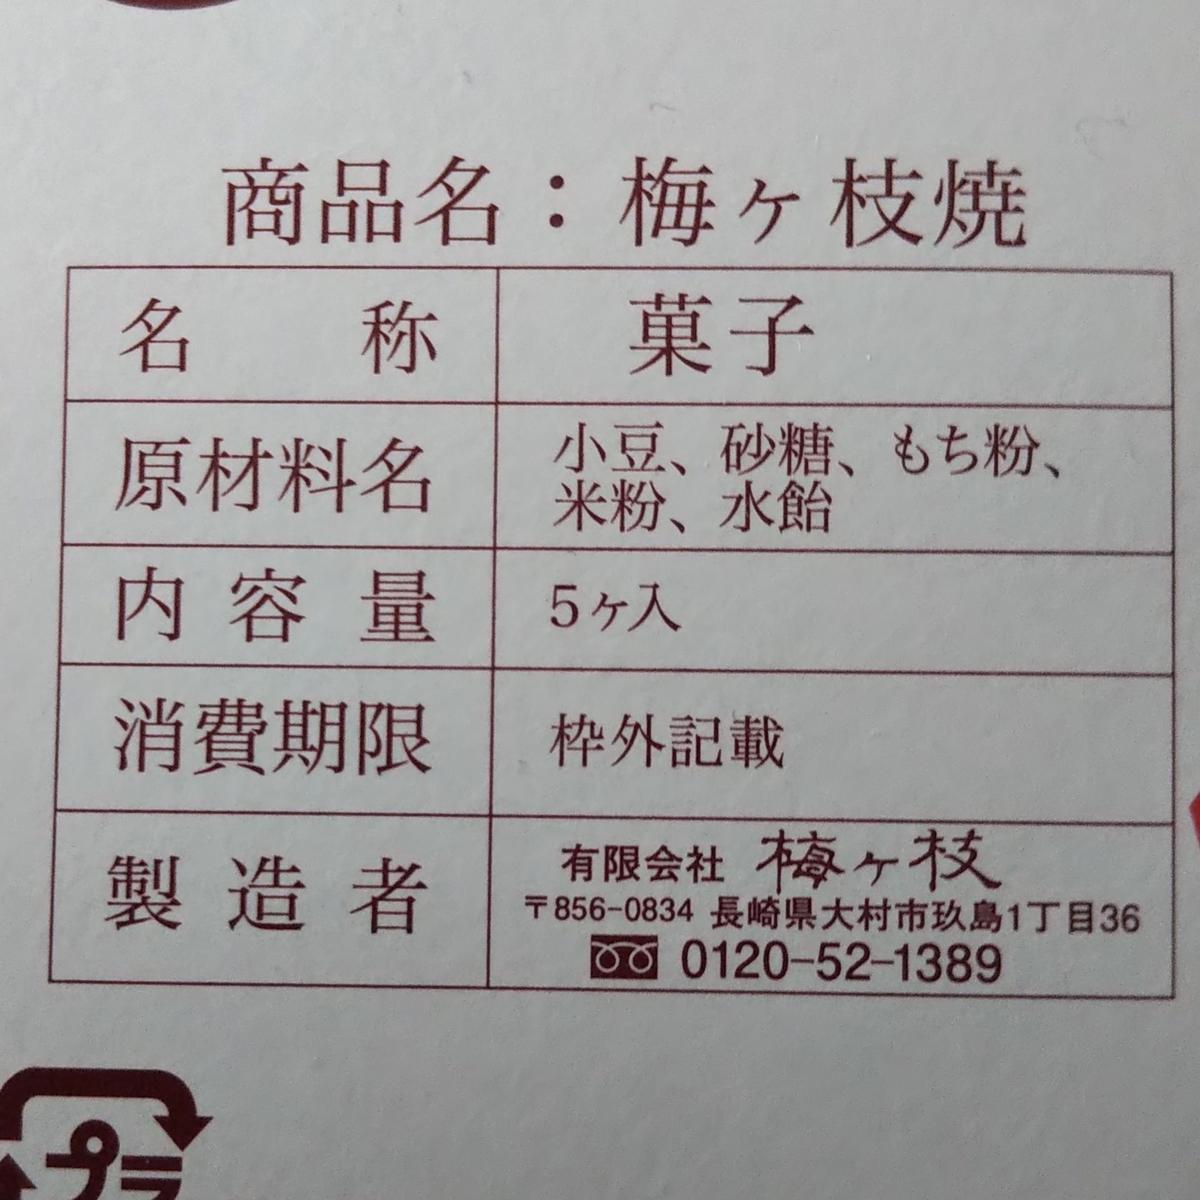 f:id:tsubaki333tan:20200506135856j:plain